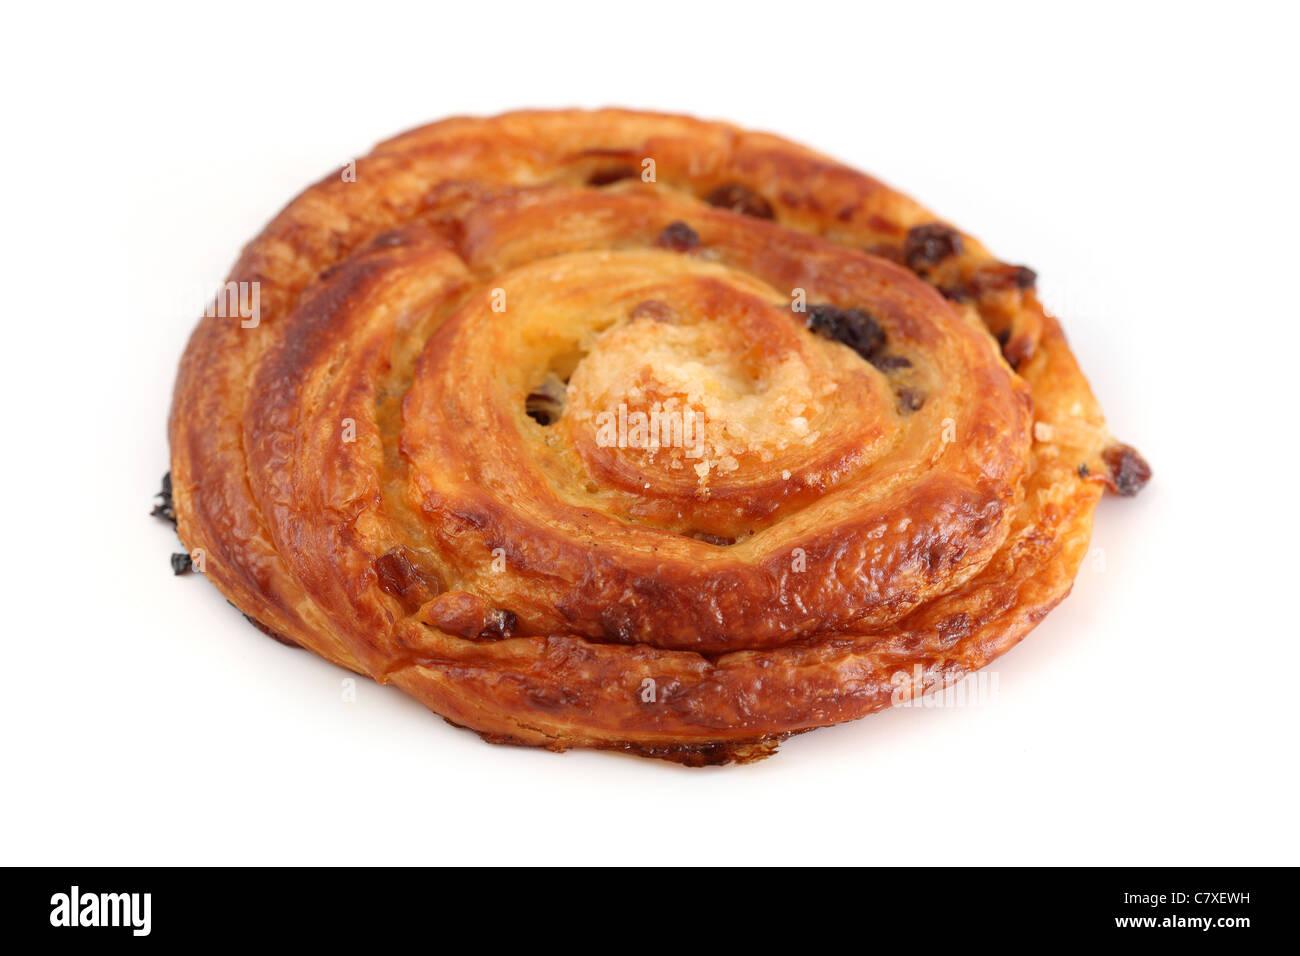 pain aux raisins Raisin Bread - Stock Image